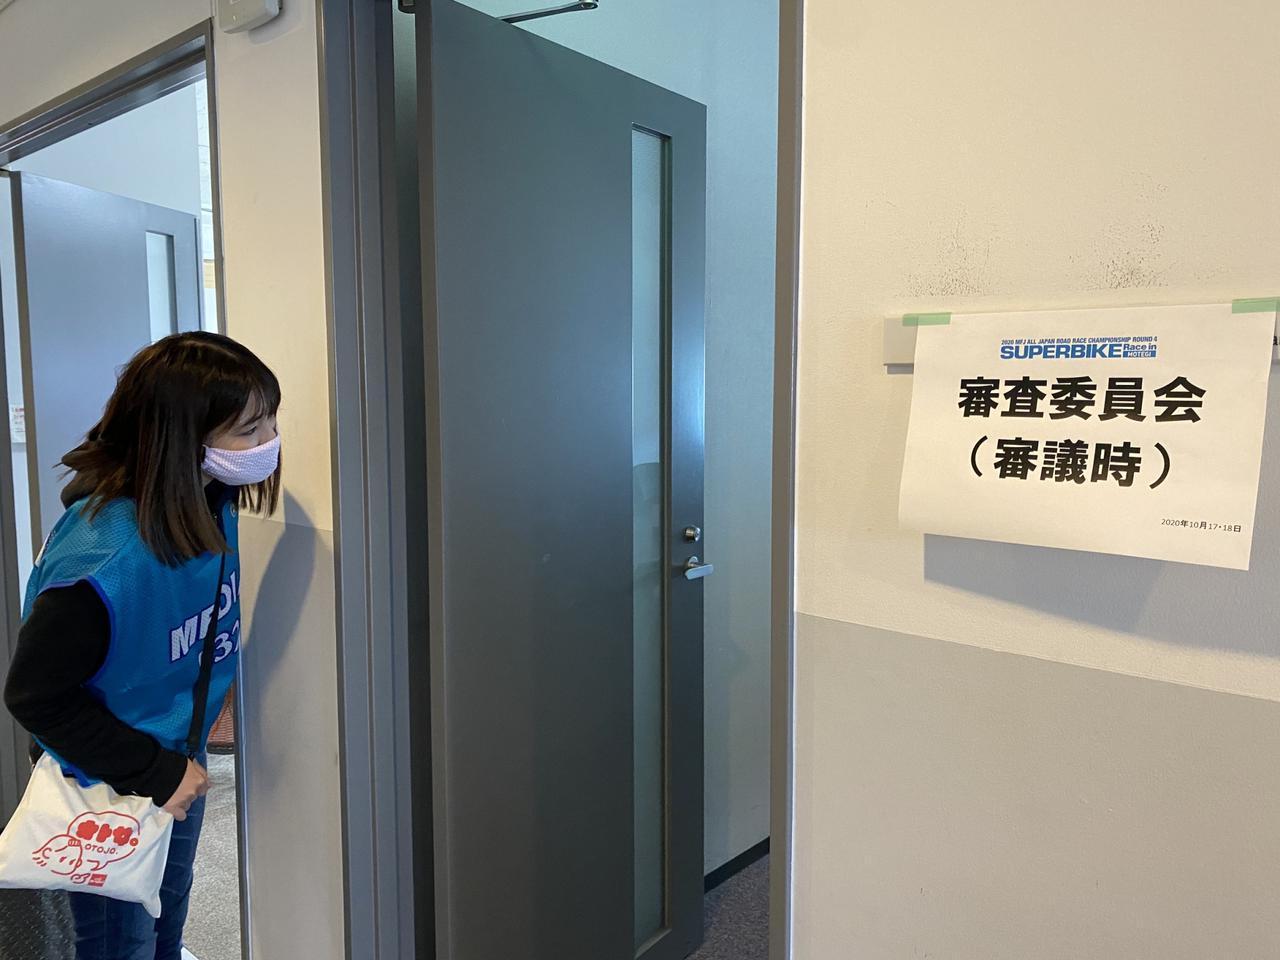 画像: 「通告書?」「始末書?」「罰金?」全日本ロードレースの裏側をのぞいちゃいました!(梅本まどか) - webオートバイ